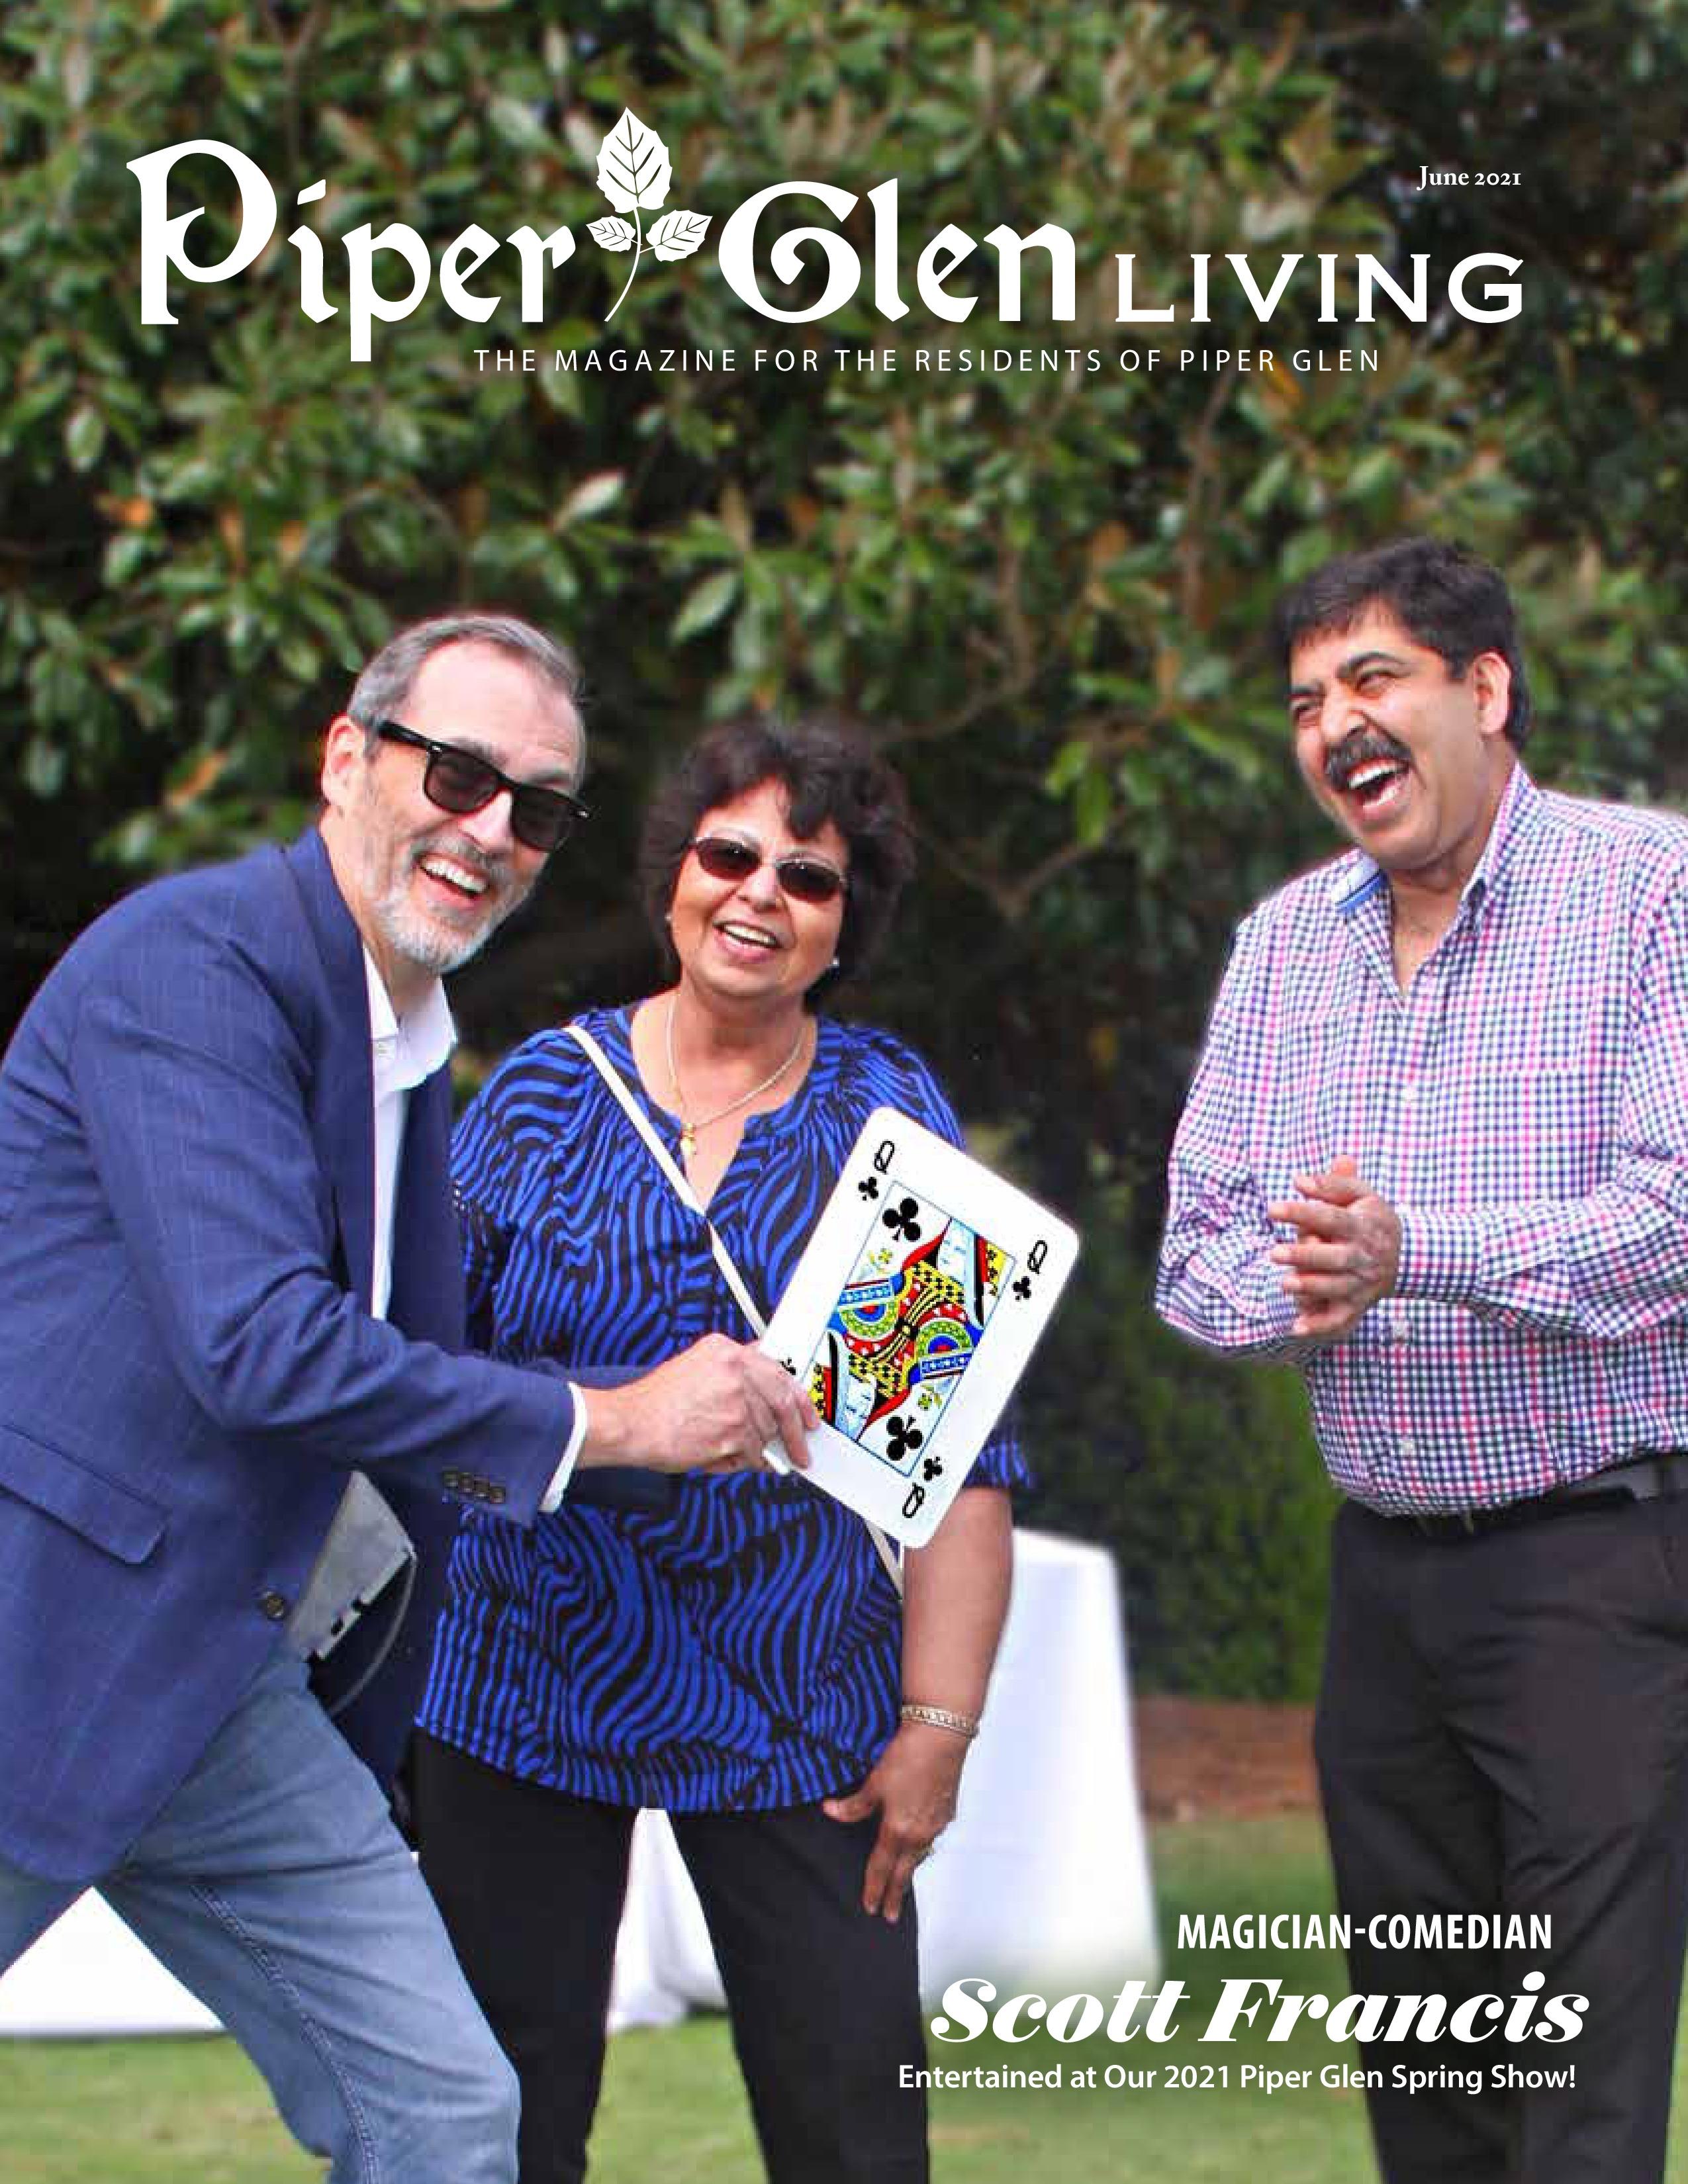 Piper Glen Living 2021-06-01